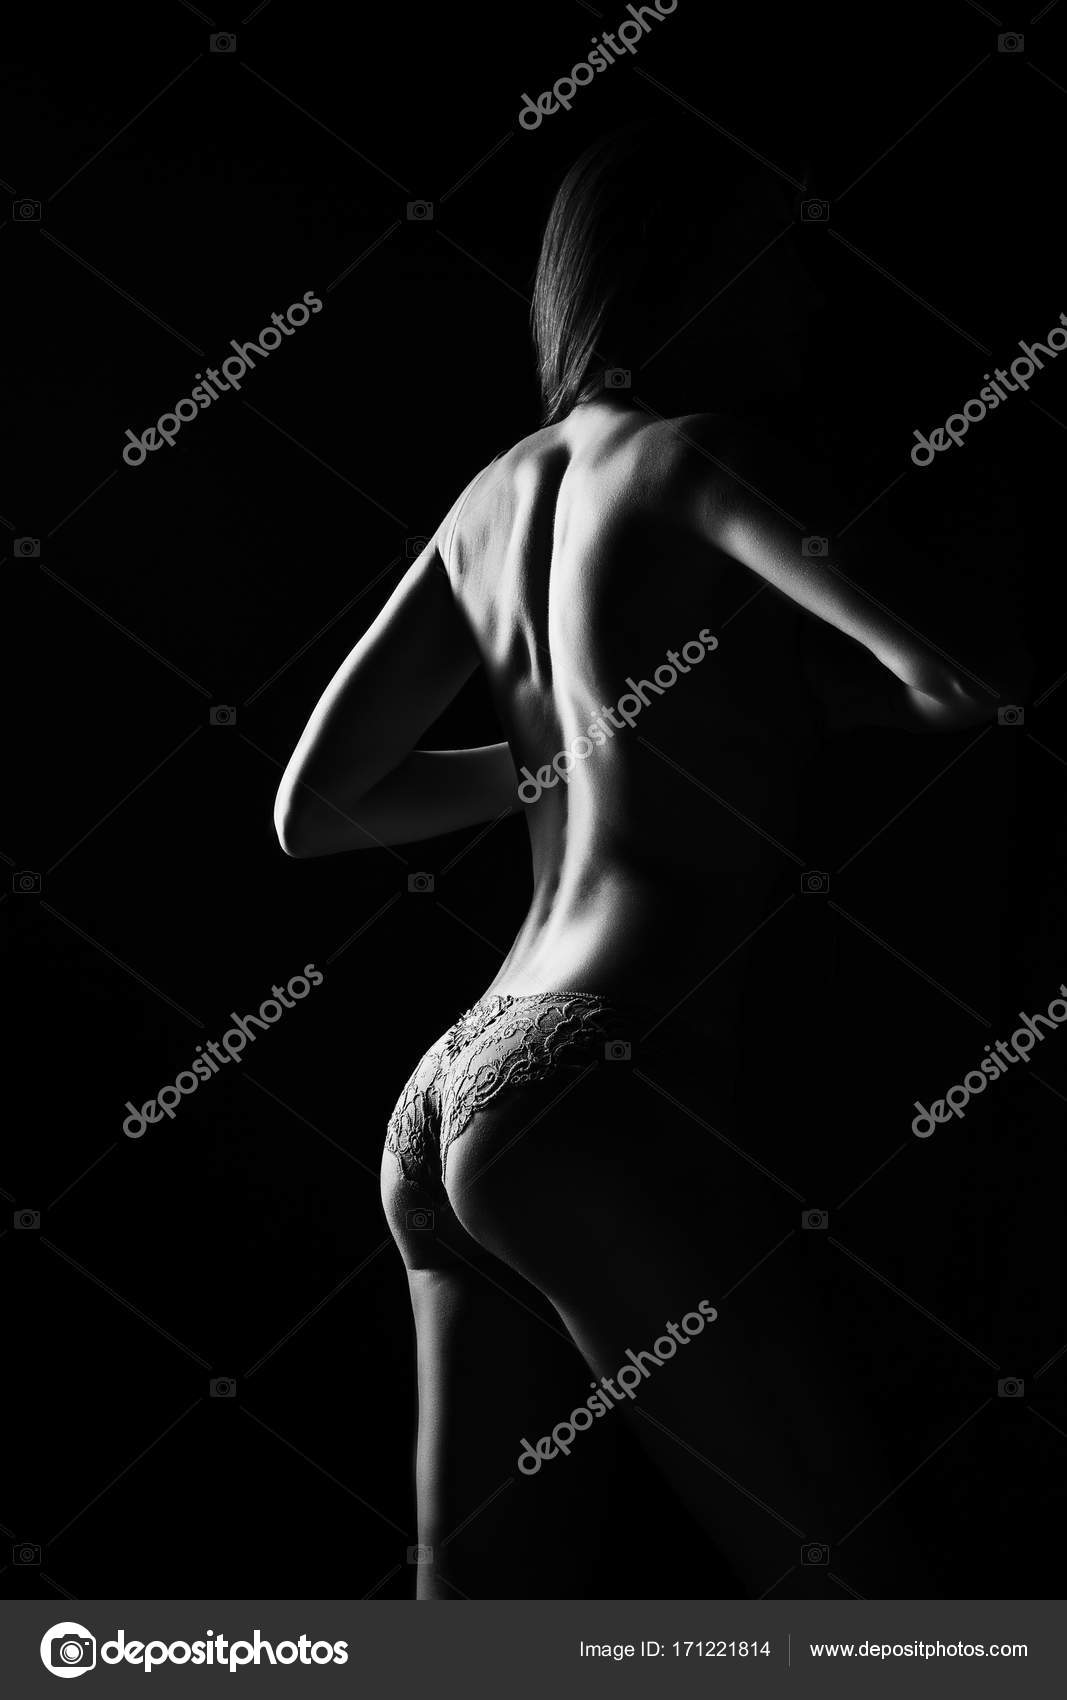 Фото секса в черно белом фоне, чайный пакетик яйца видео порно